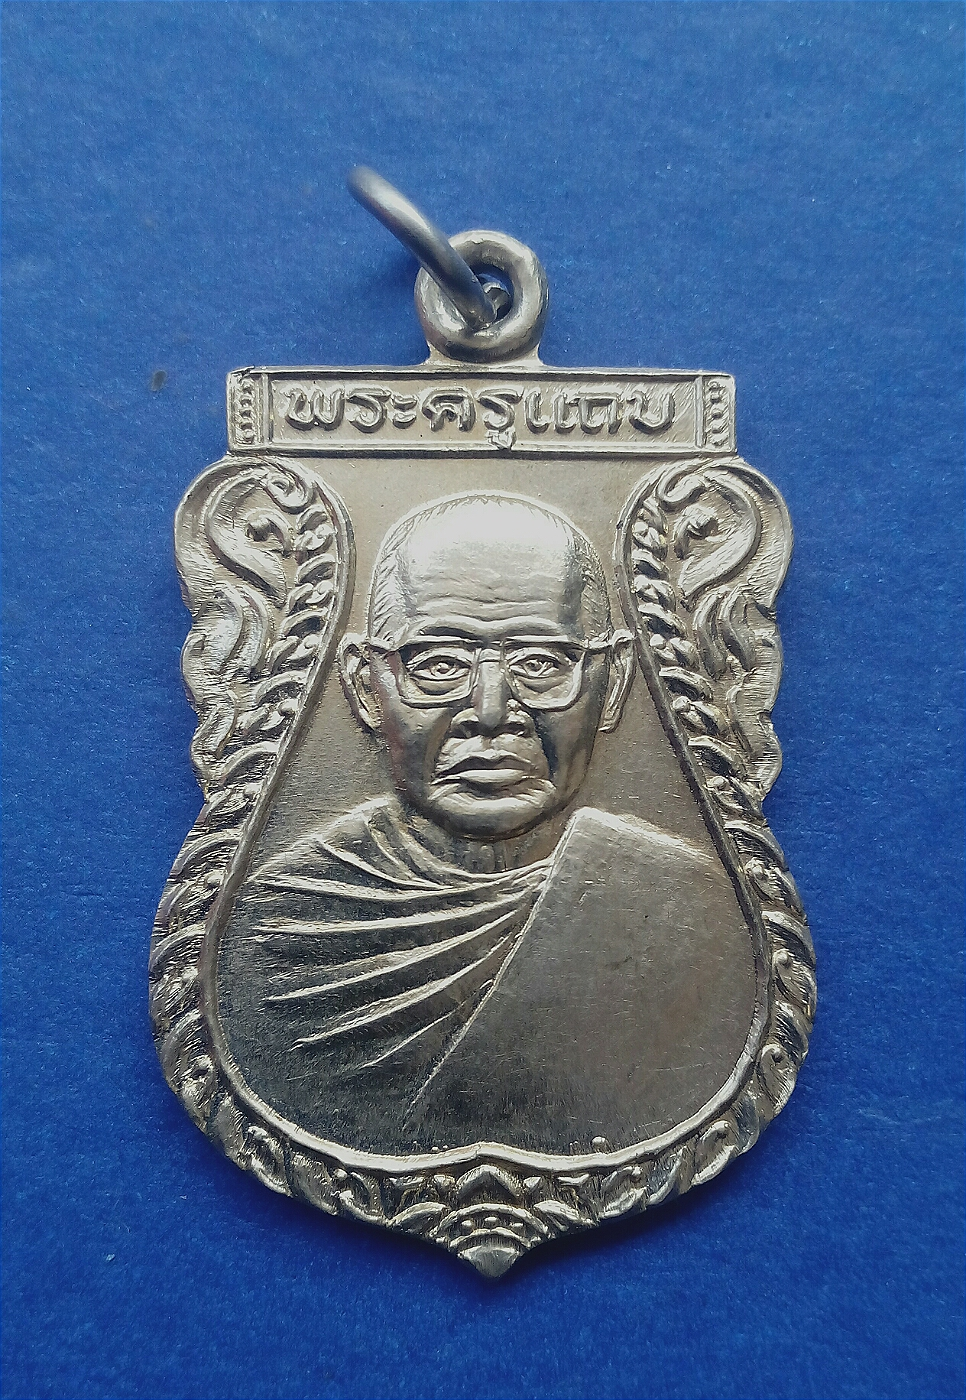 เหรียญหลวงพ่อแถบ วัดบางพลีน้อย บางบ่อ สมุทรปราการ ปี๒๕๓๗ รุ่นสร้างวิหาร